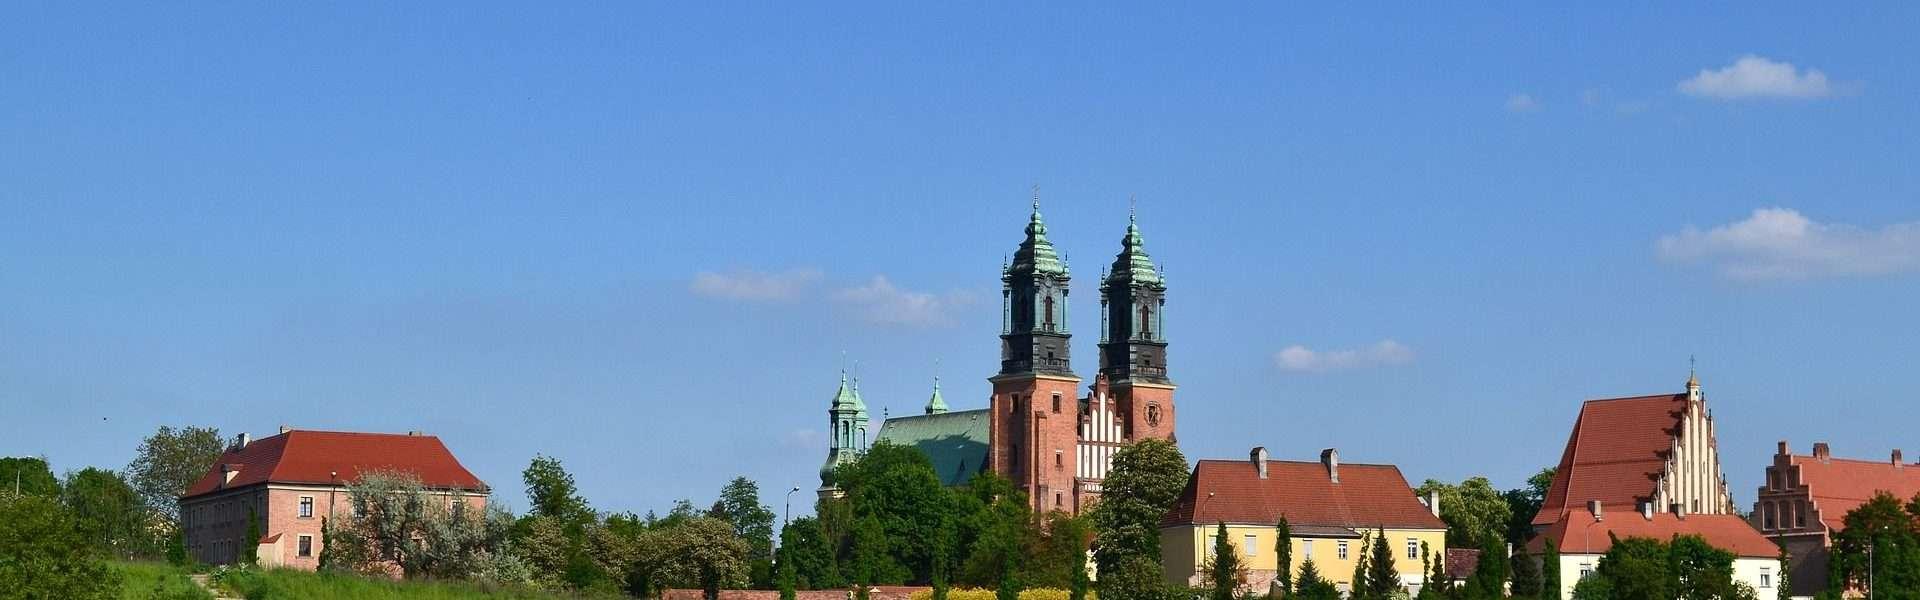 Poznań - rzeka